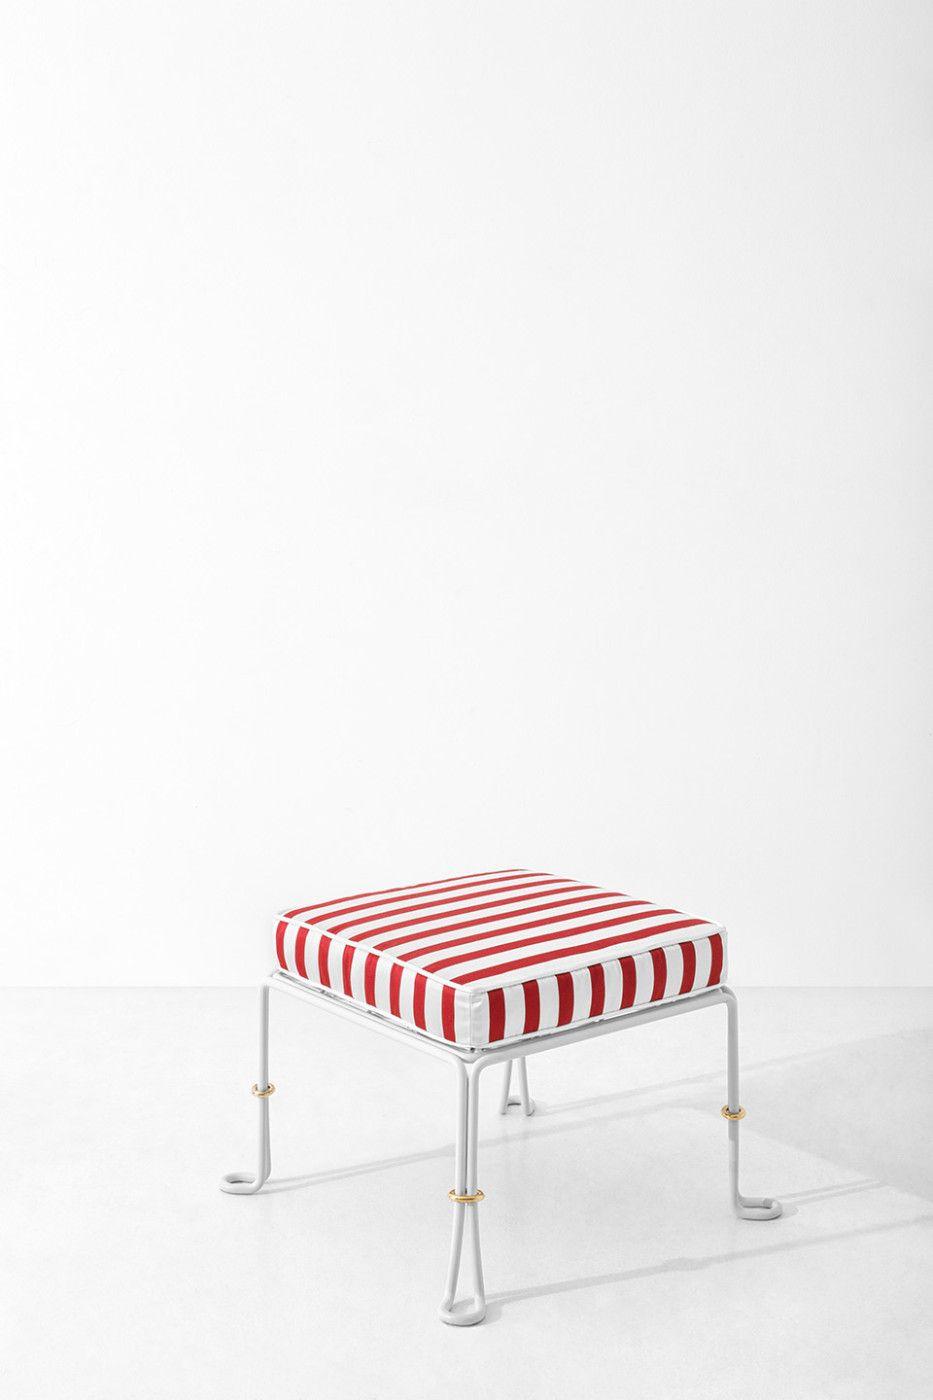 progetto verande dimorestudio garden pinterest furniture rh pinterest com Polyurethane Outdoor Furniture Rocking Chair polyurethane spray outdoor furniture